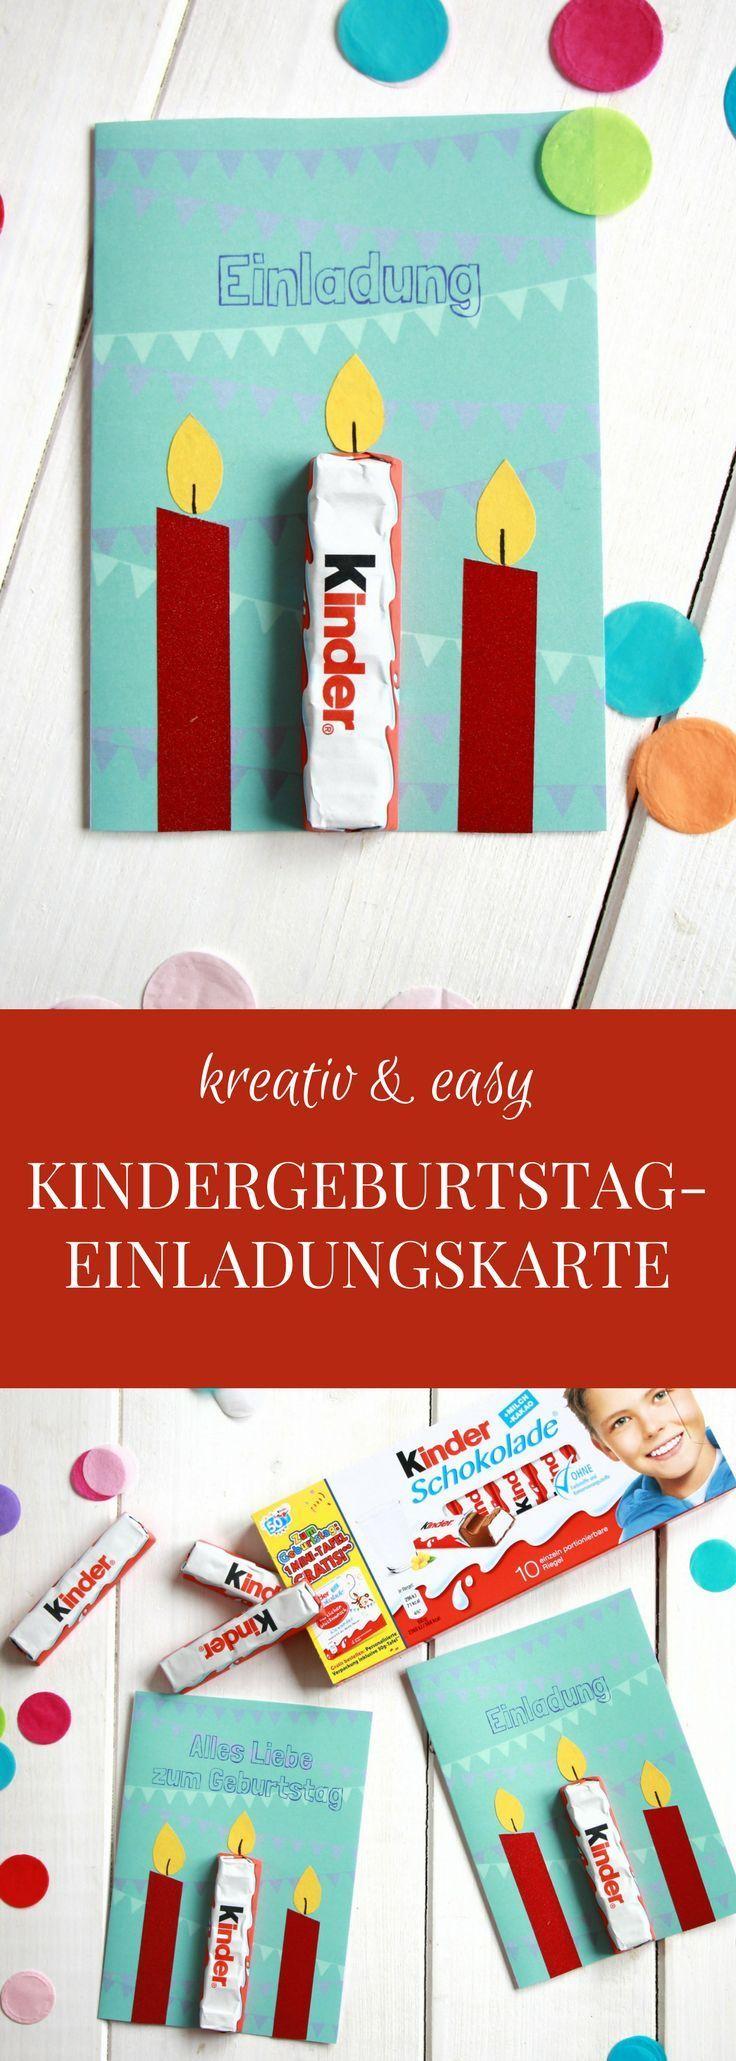 Anzeige: Kindergeburtstag feiern: Ideen für eine Kindergeburtstag-Einladungskarte und ein Kindergeburtstag-Mitgebsel mit Ferrero kinder Schokolade #chocolate